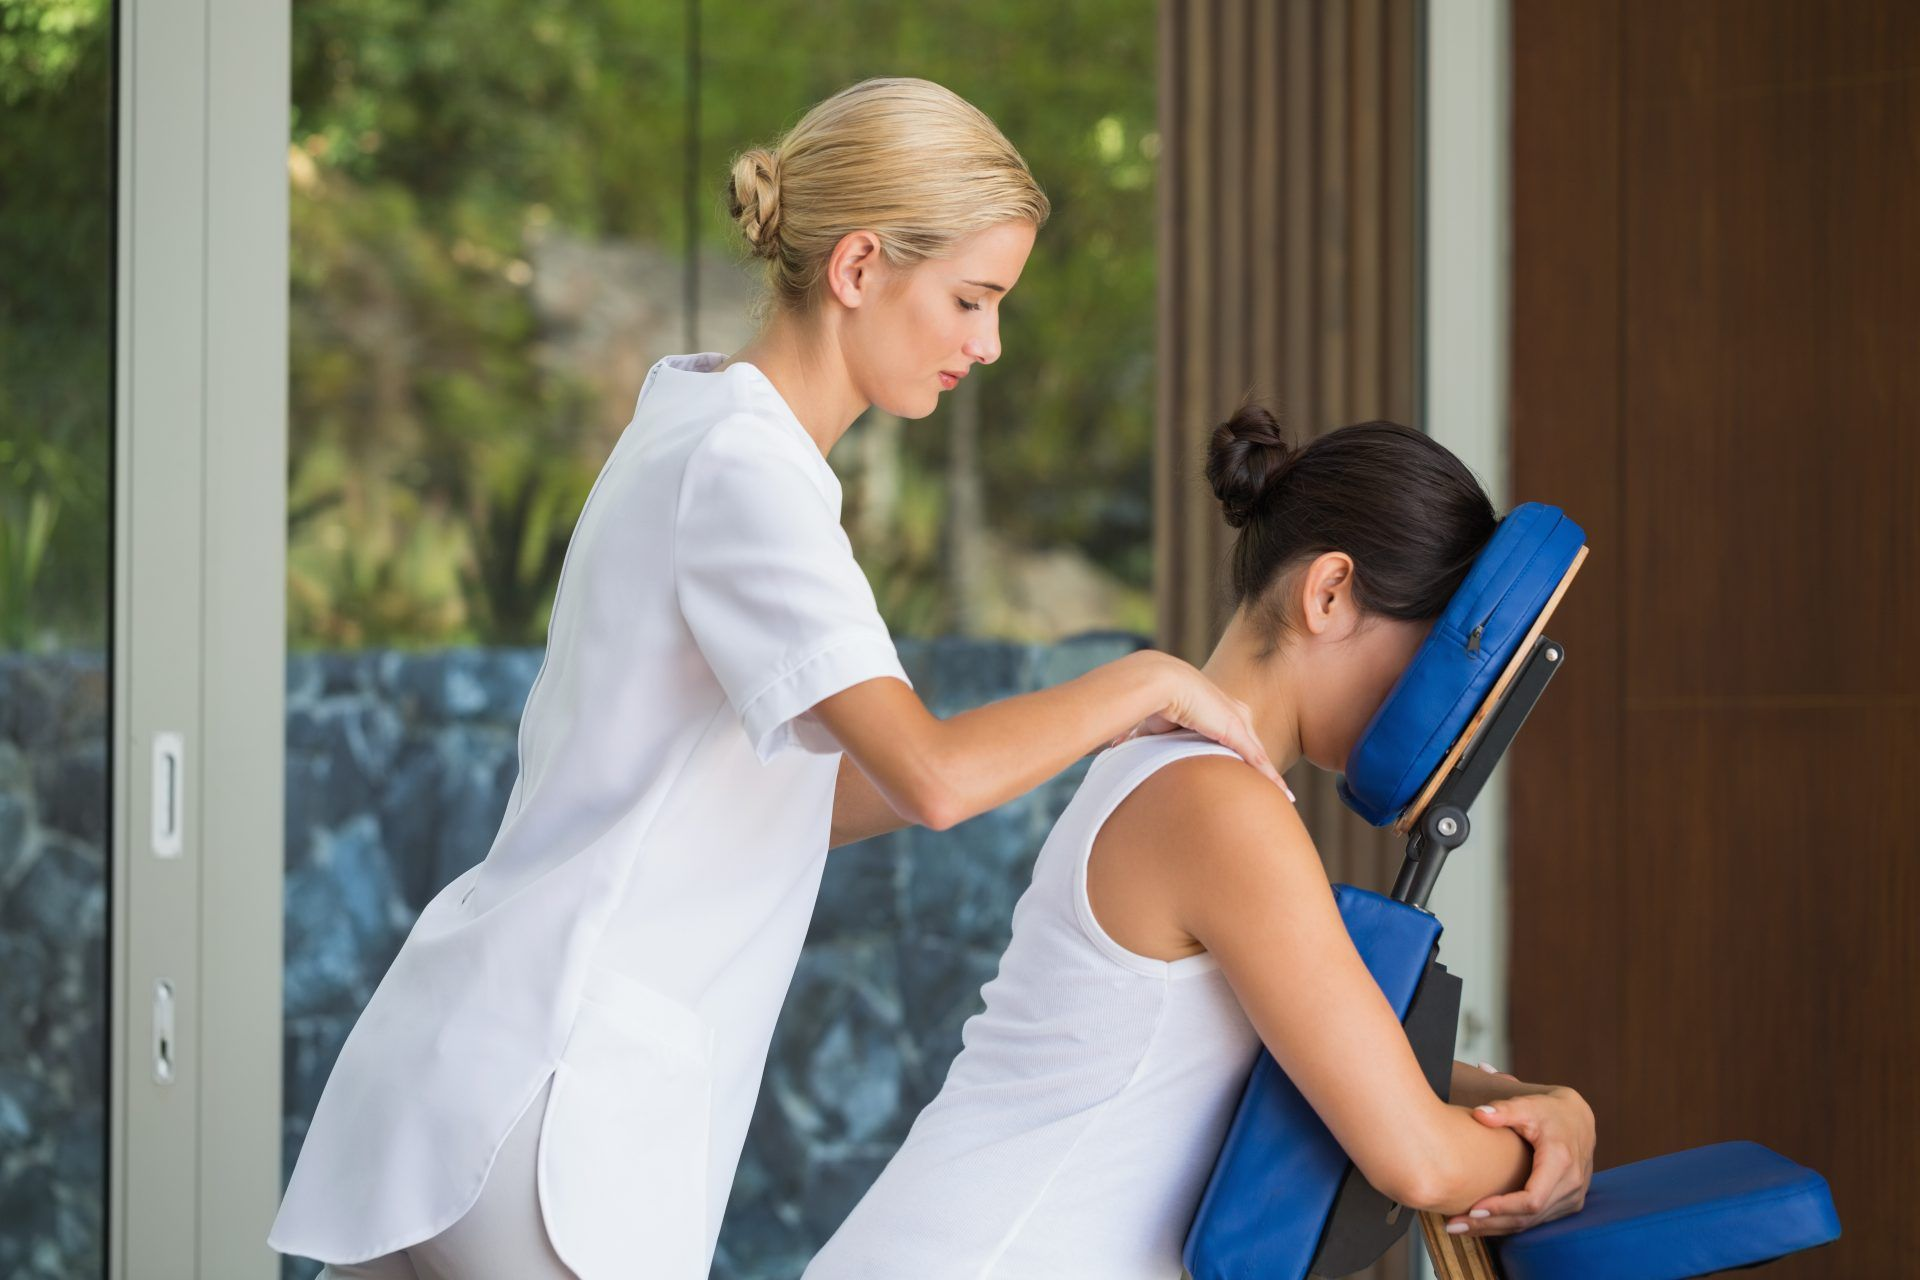 Especialista en spa: el nuevo profesional de los templos del relax